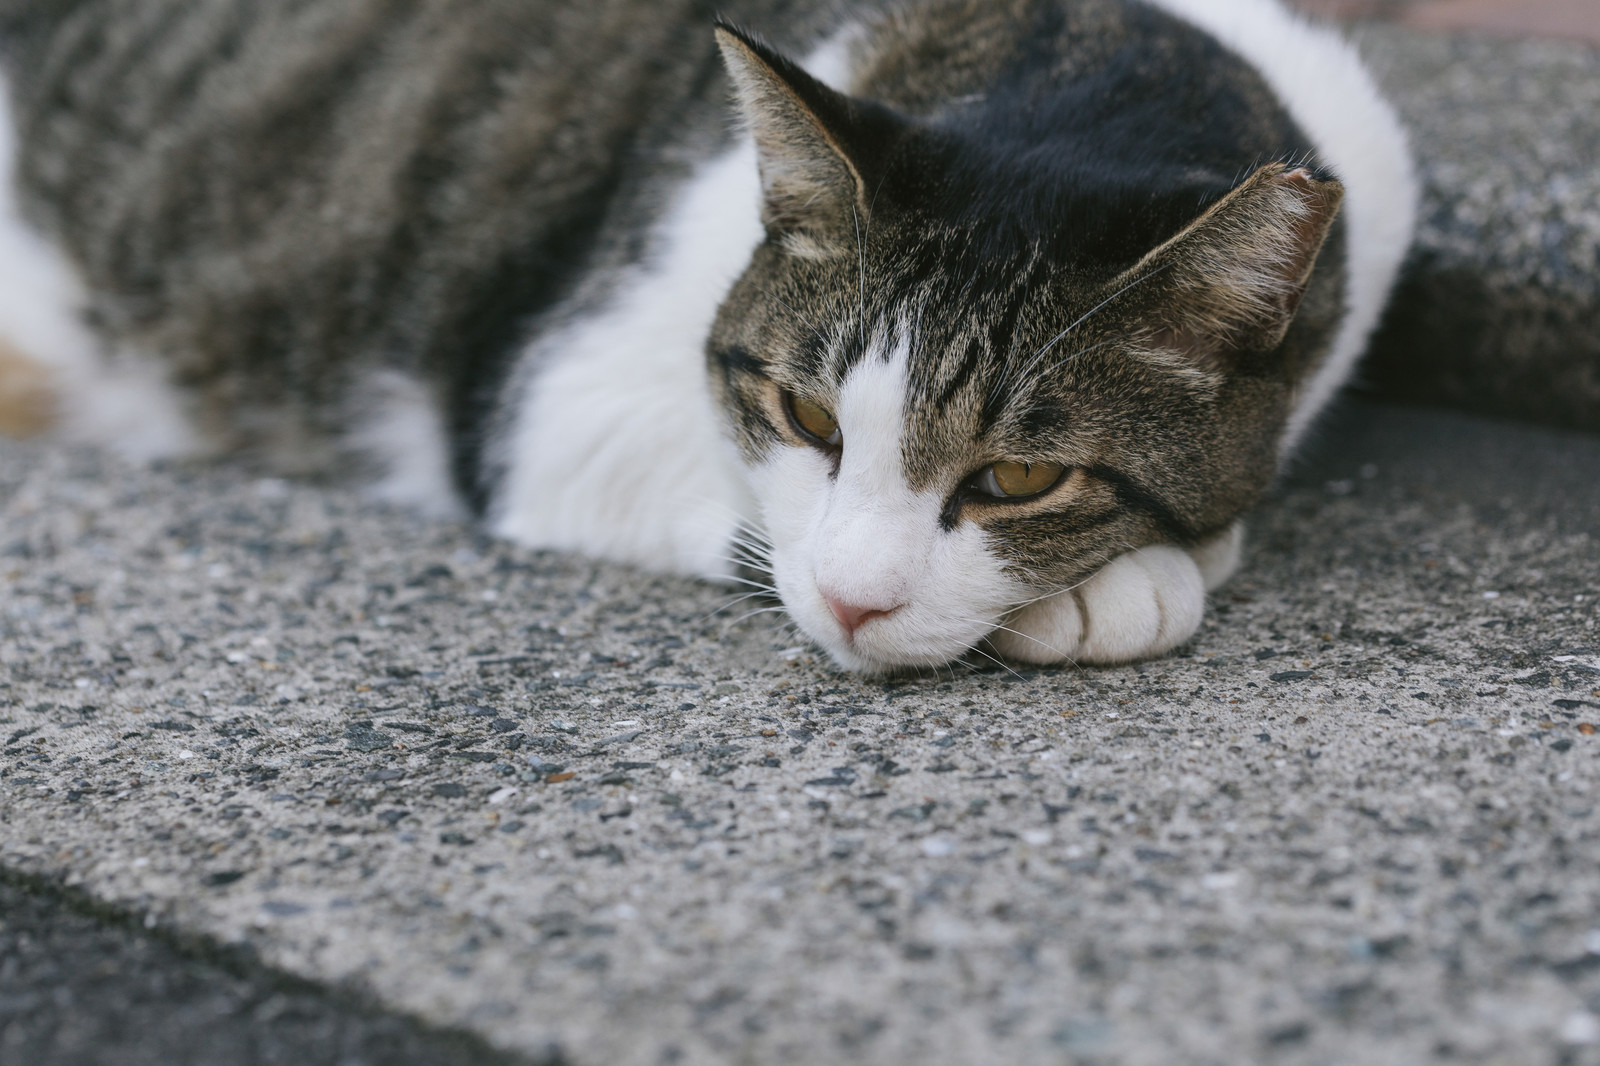 「軽蔑の眼差し猫軽蔑の眼差し猫」のフリー写真素材を拡大